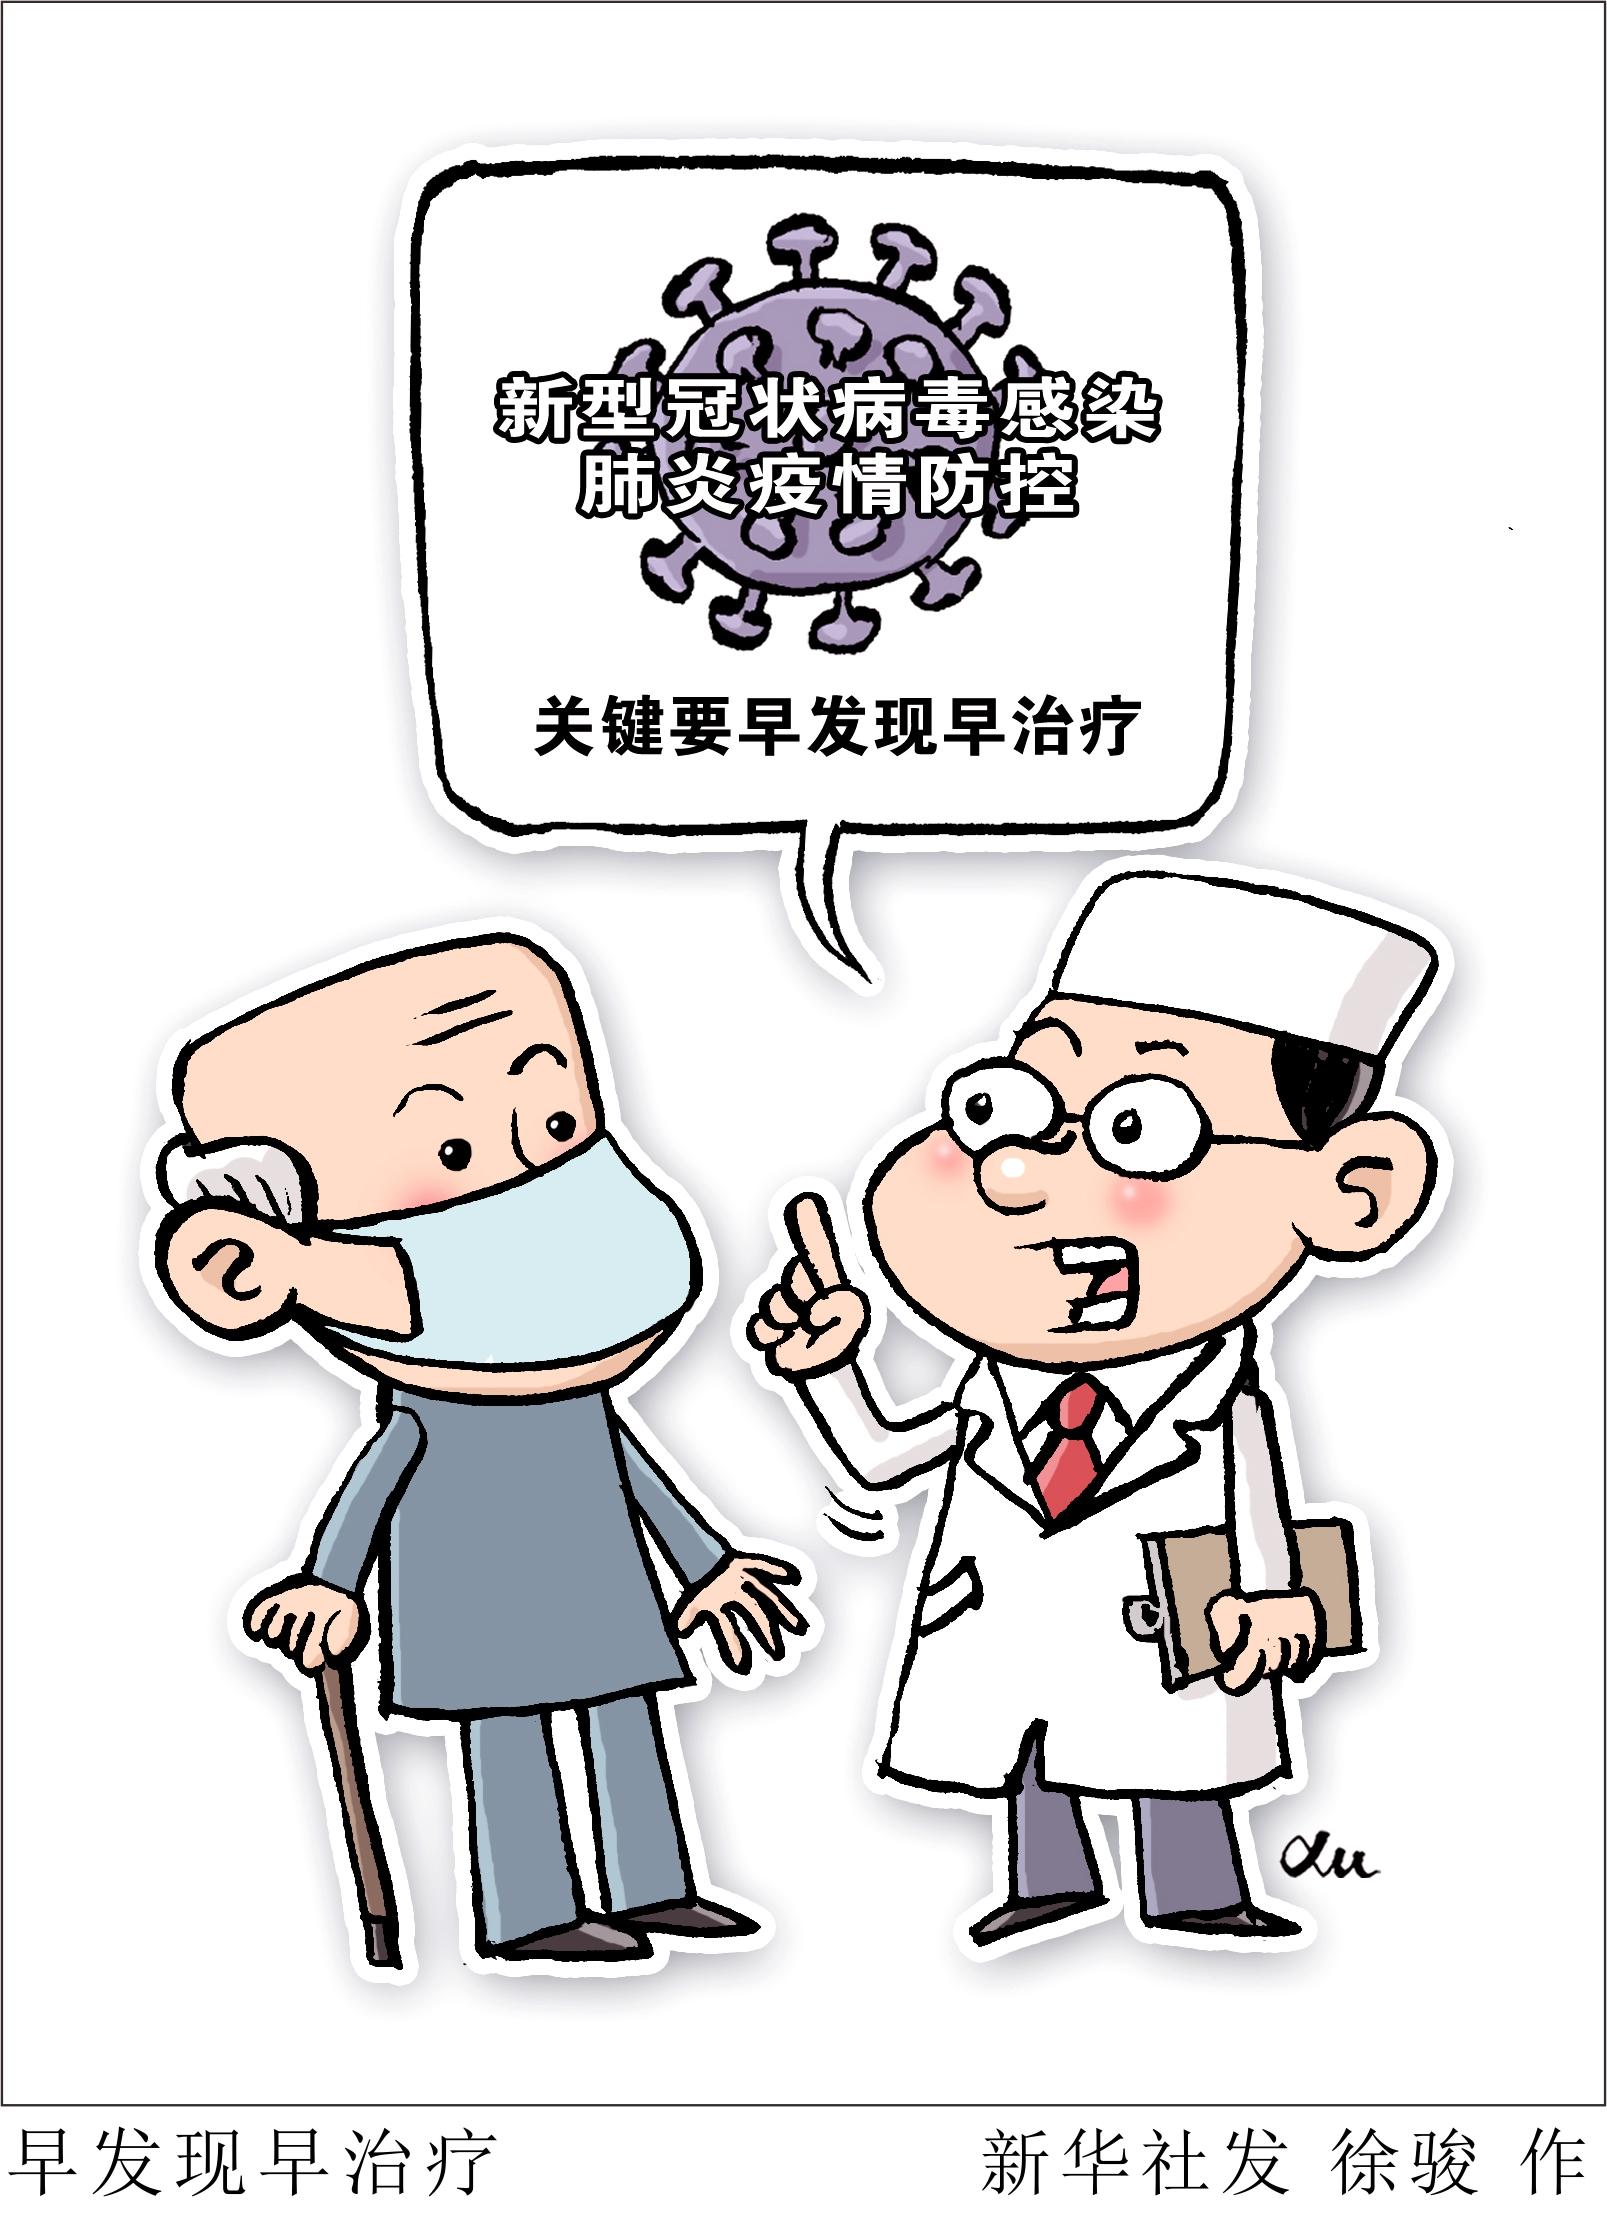 漫画:早发现早治疗